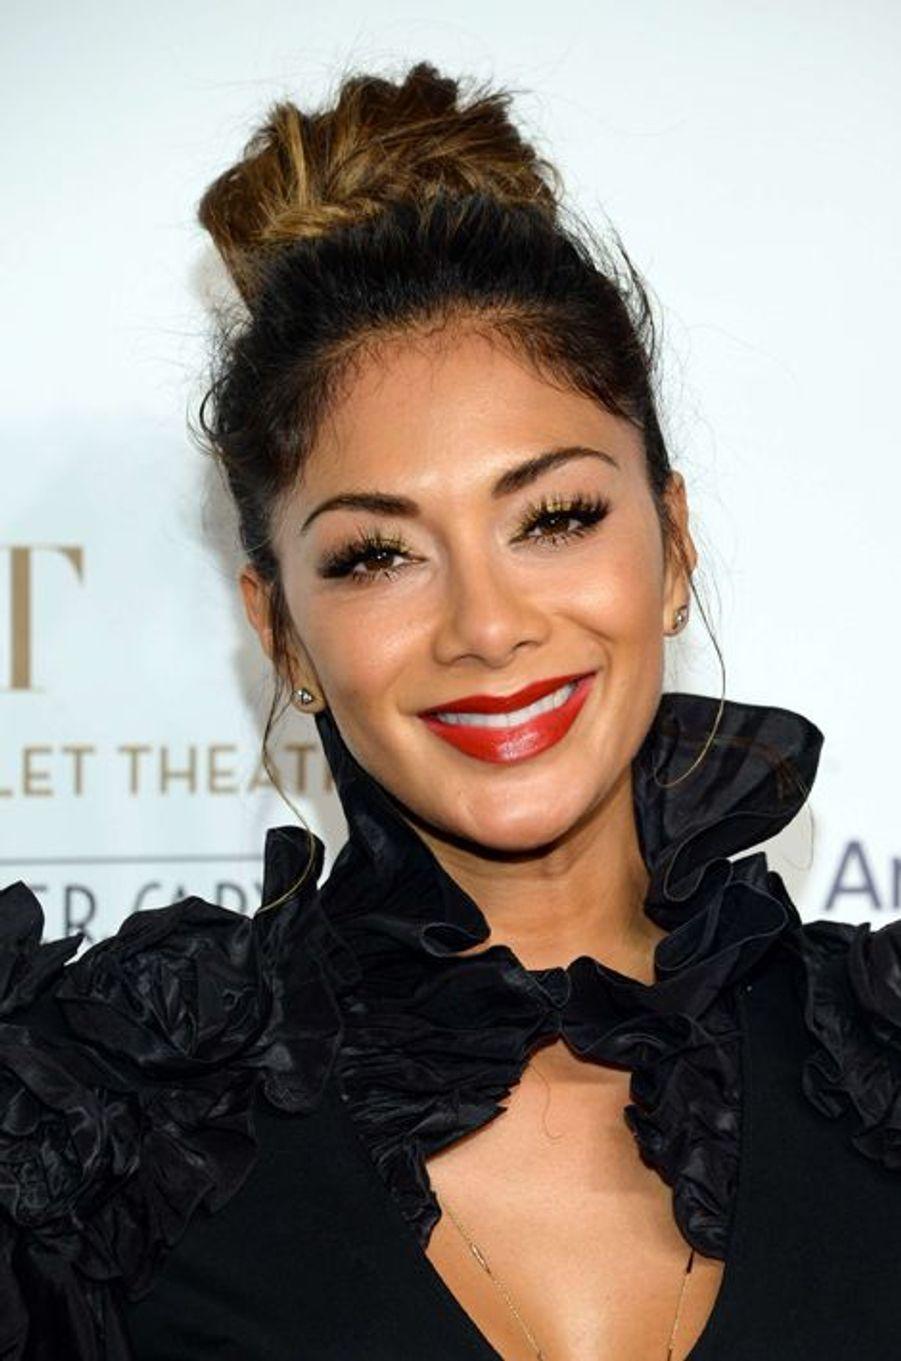 Le 21 octobre dernier, la chanteuse Nicole Scherzinger a opté pour un chignon haut plus décontracté.